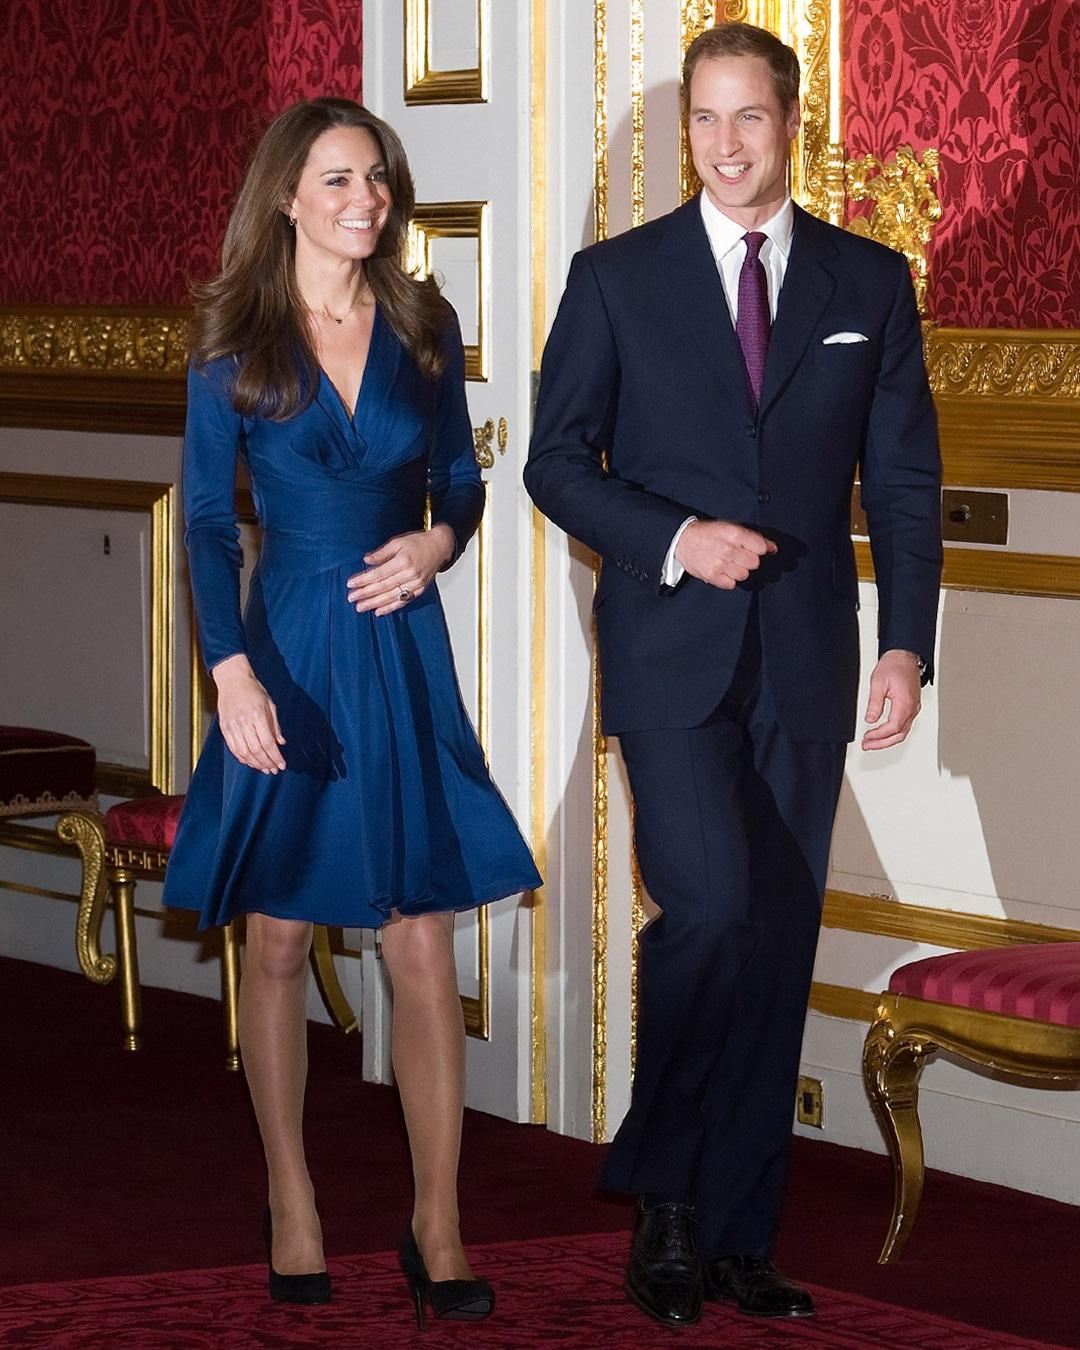 ESC: Kate Middleton, Issa Engagement Dress